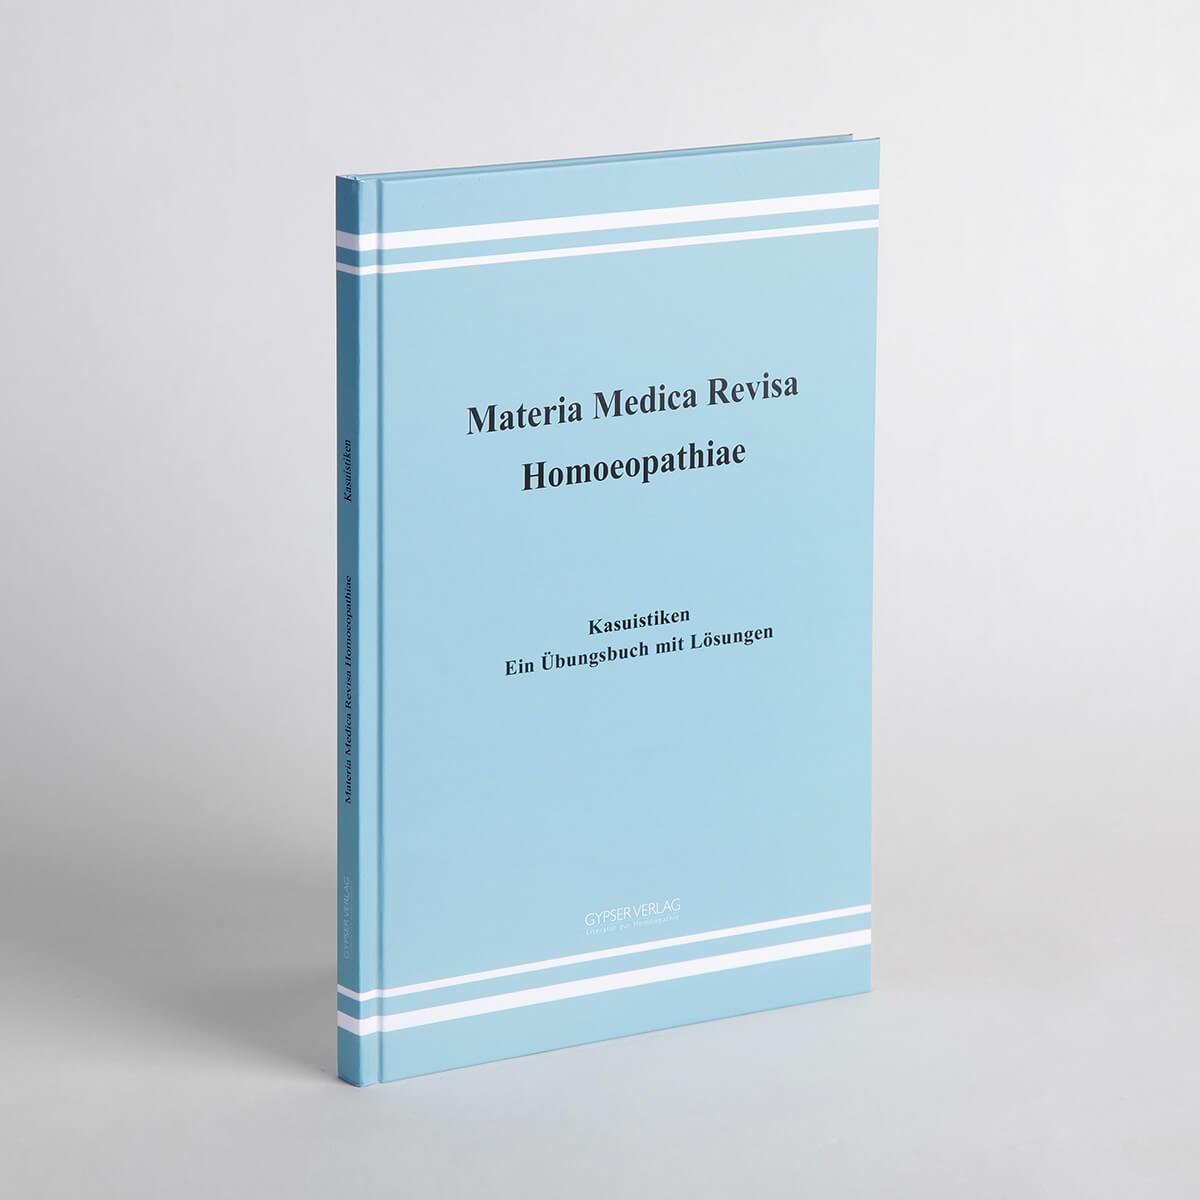 Materia medica revisa homoeopathiae-Kasuistiken – ein Übungsbuch mit Lösungen